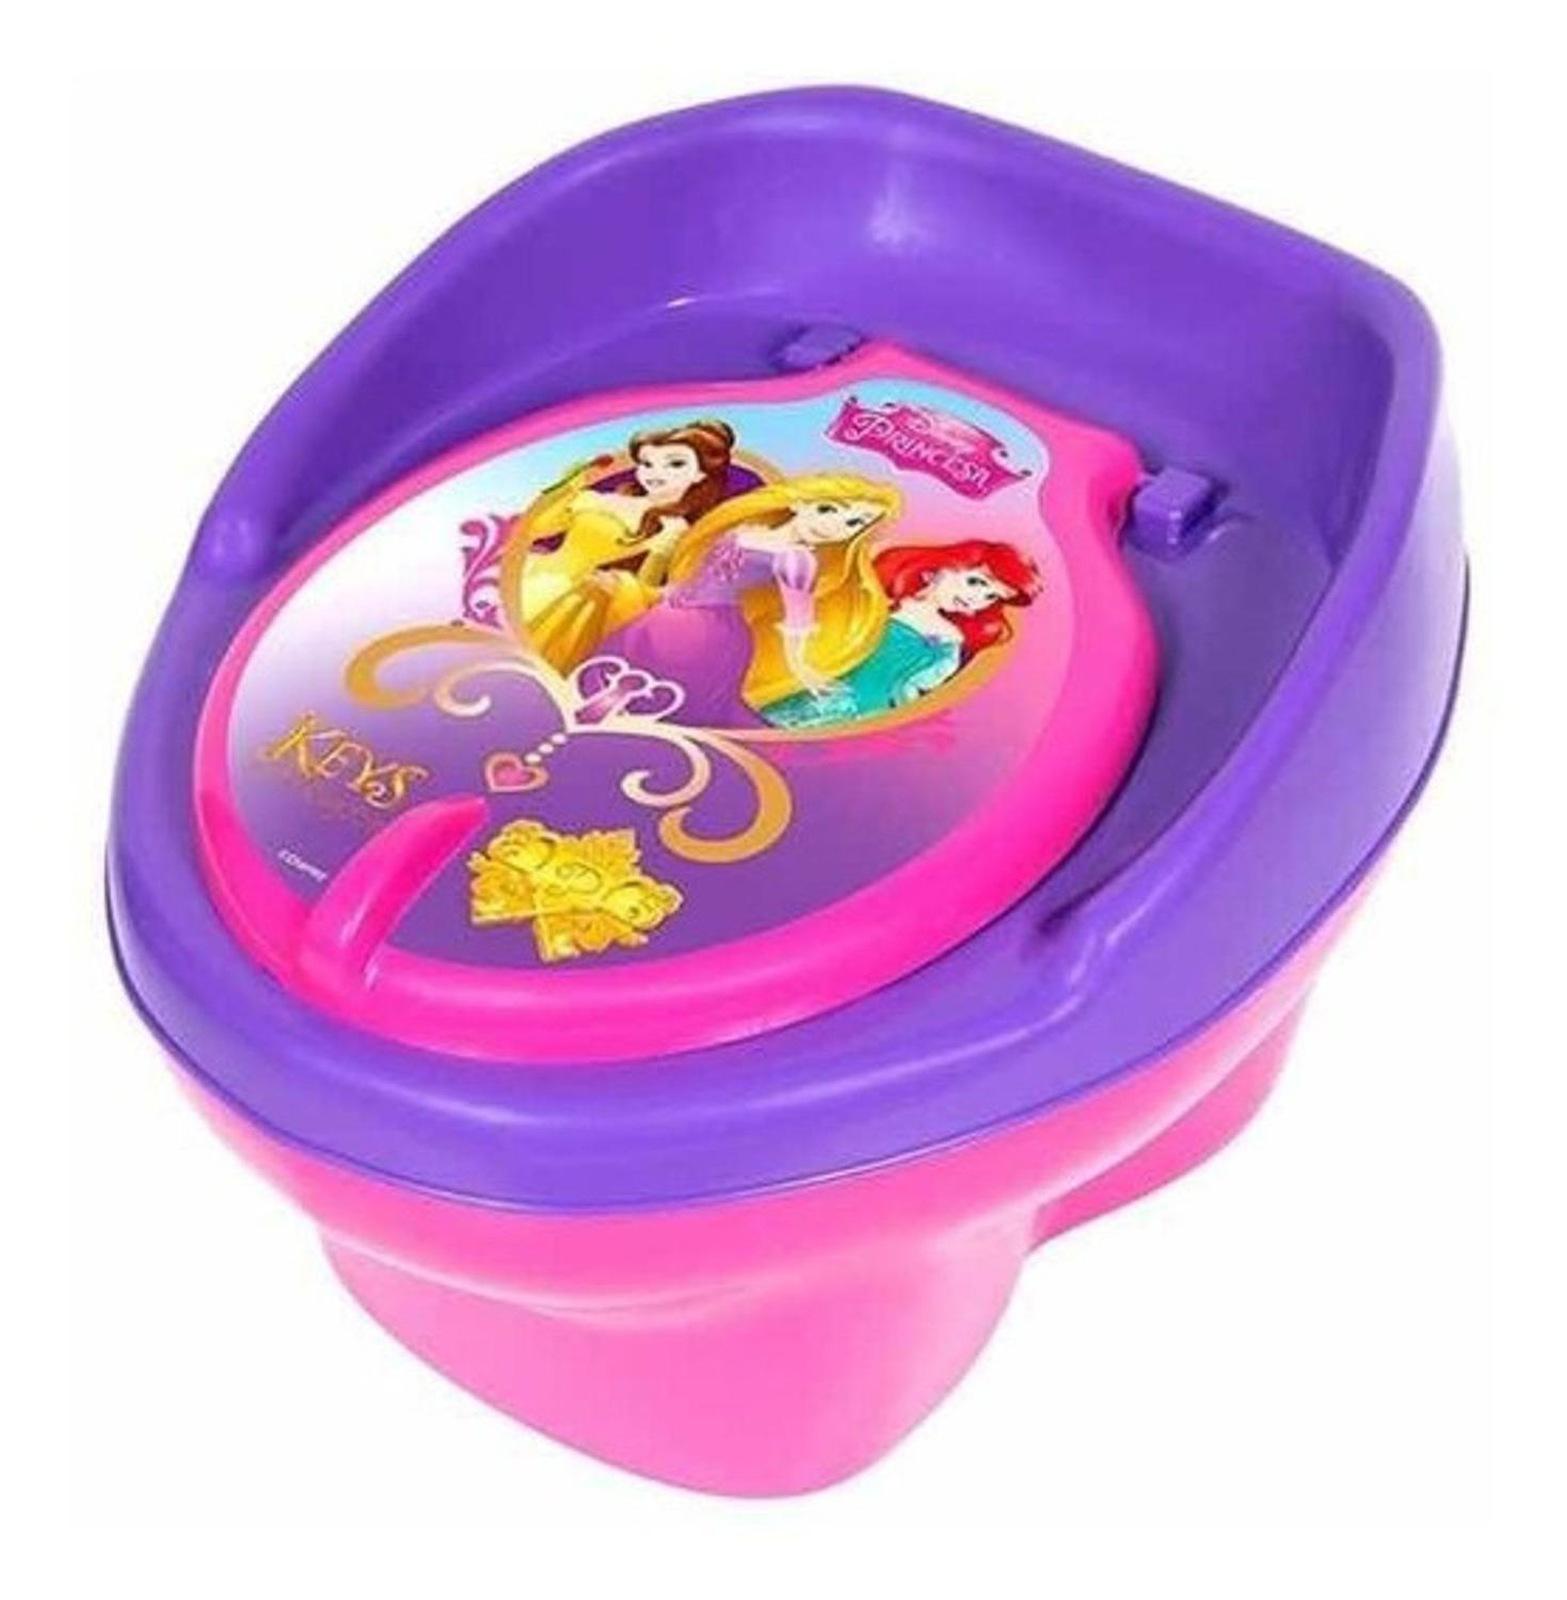 Troninho Princesas Disney Pinico Lilas Infantil Meninas Styl